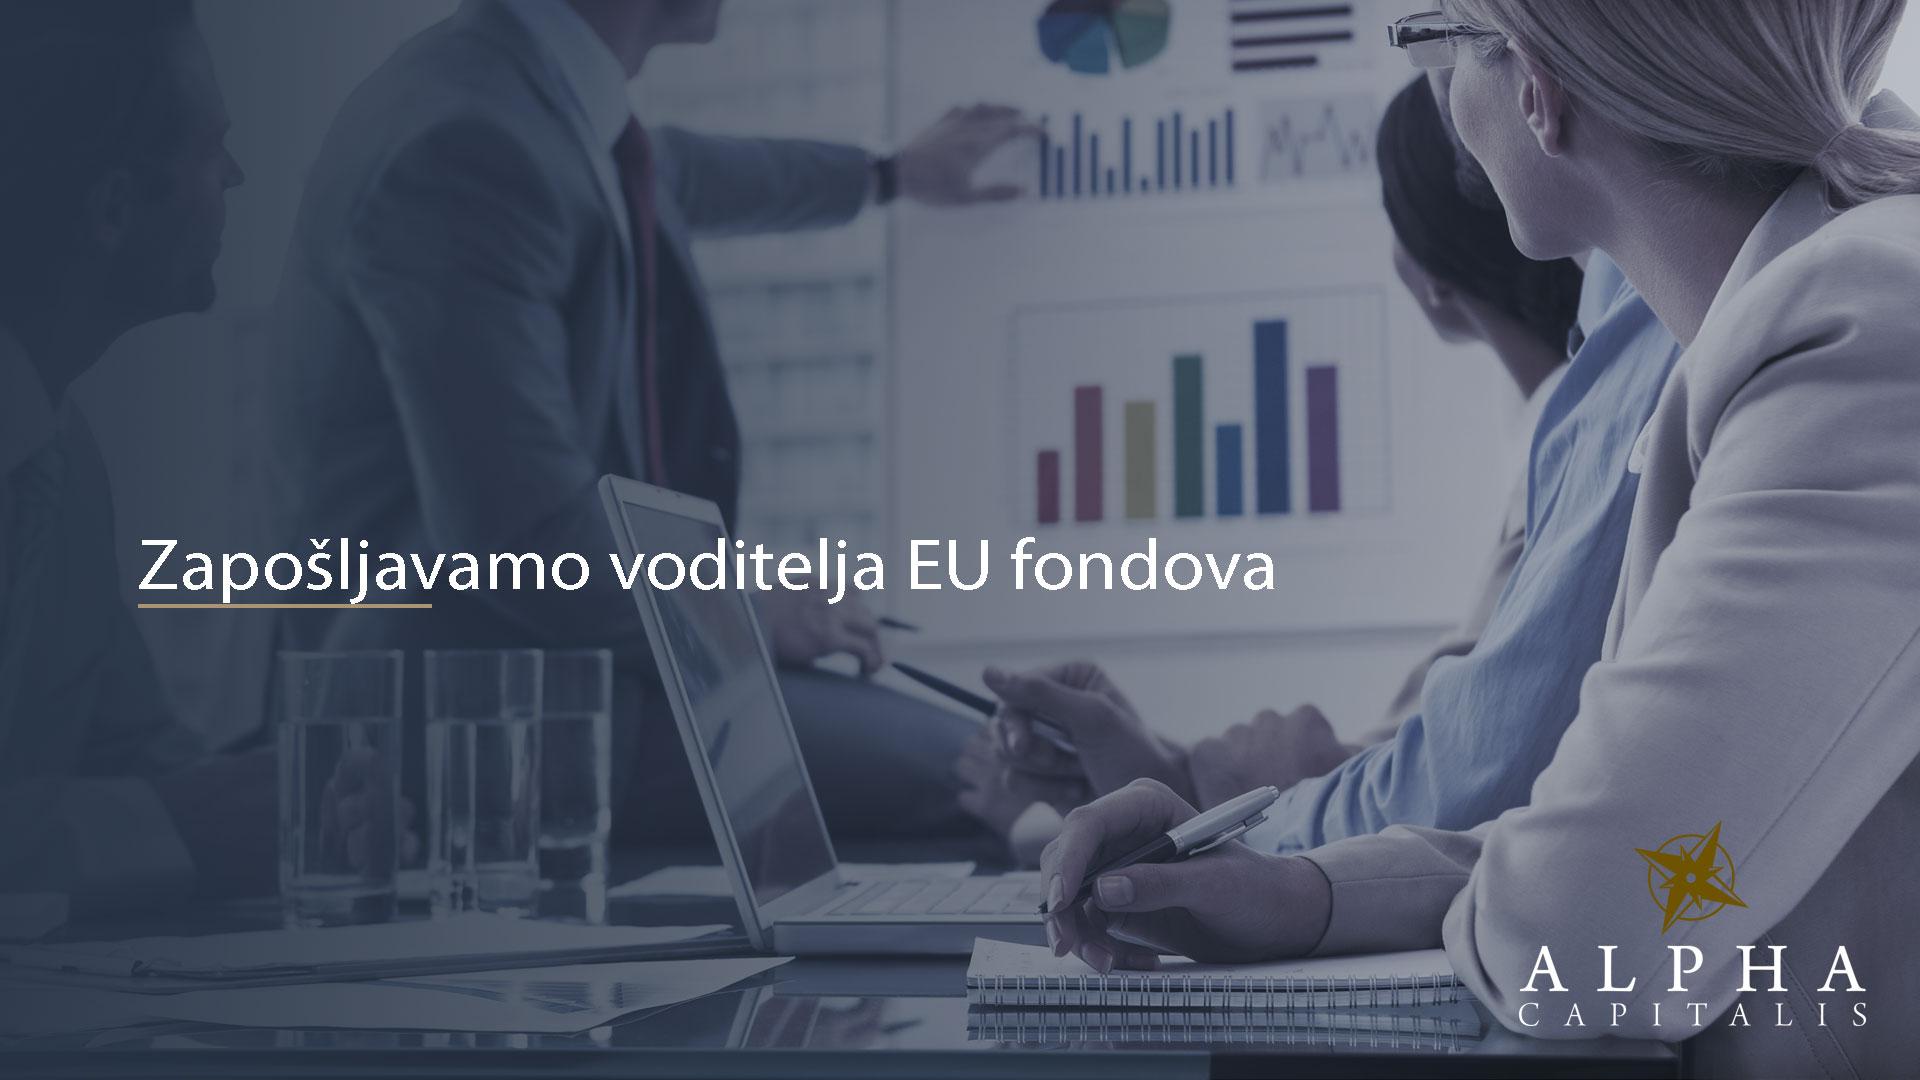 alpha-capitalis-zaposljavanje-voditelj-eu-fondova